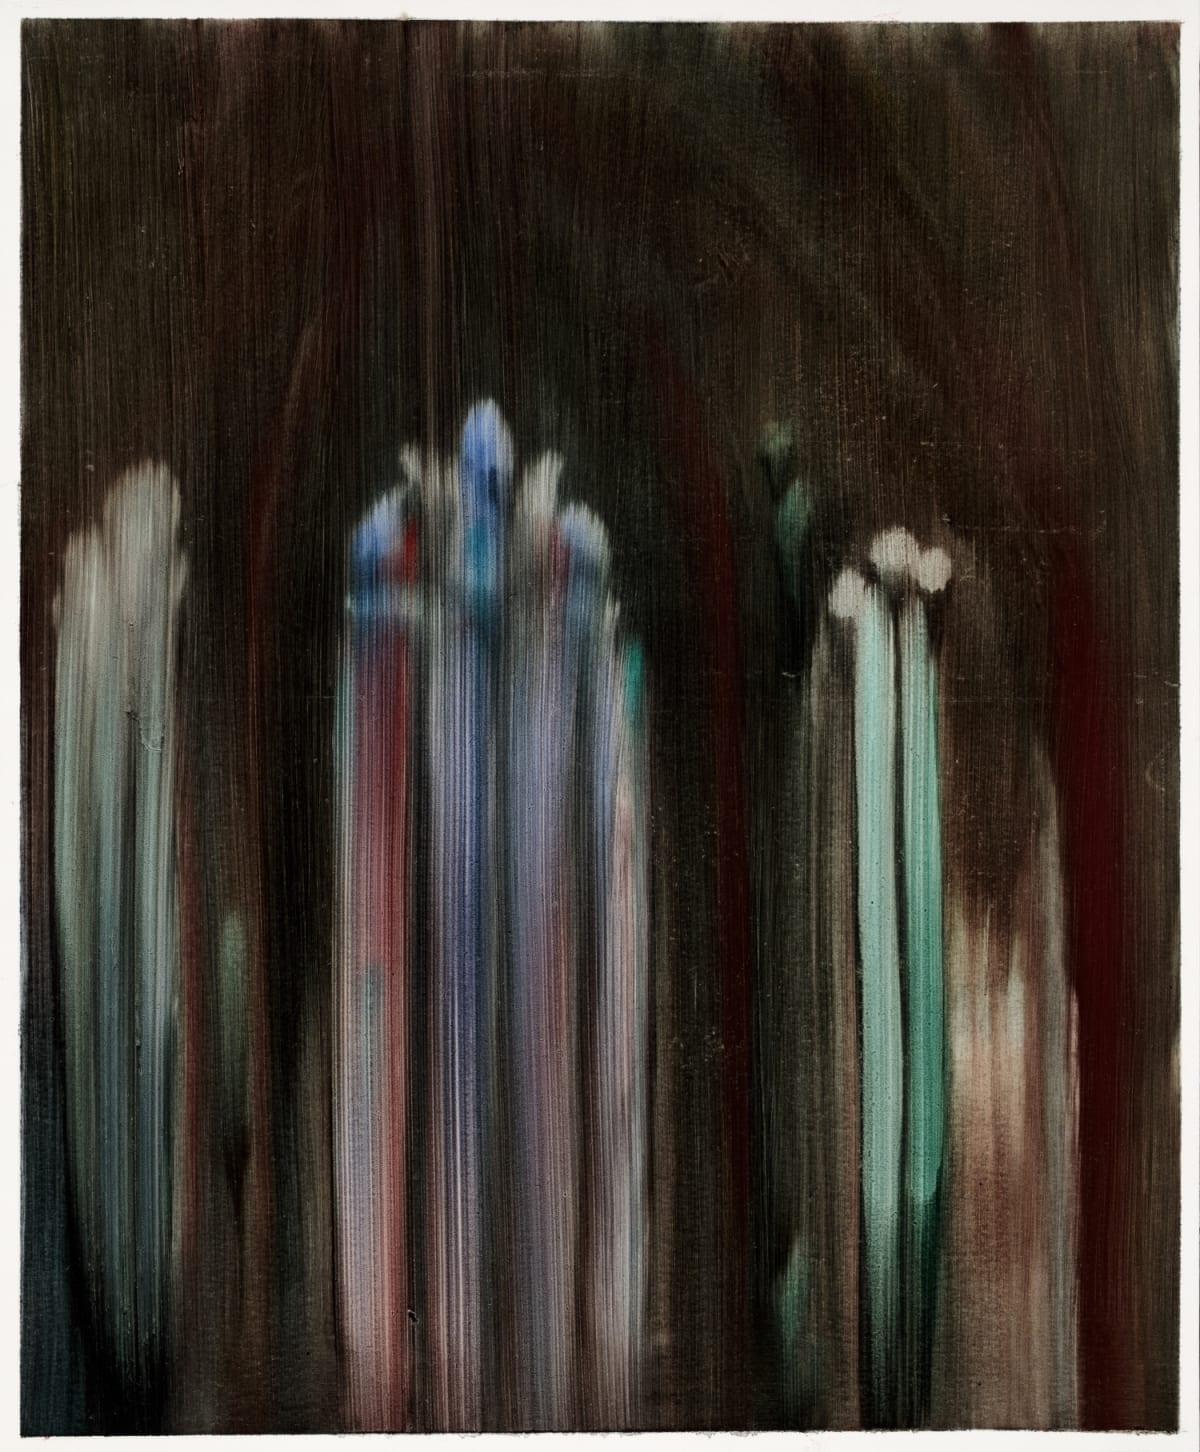 Alexia Vogel, Sanctum IV, 2018